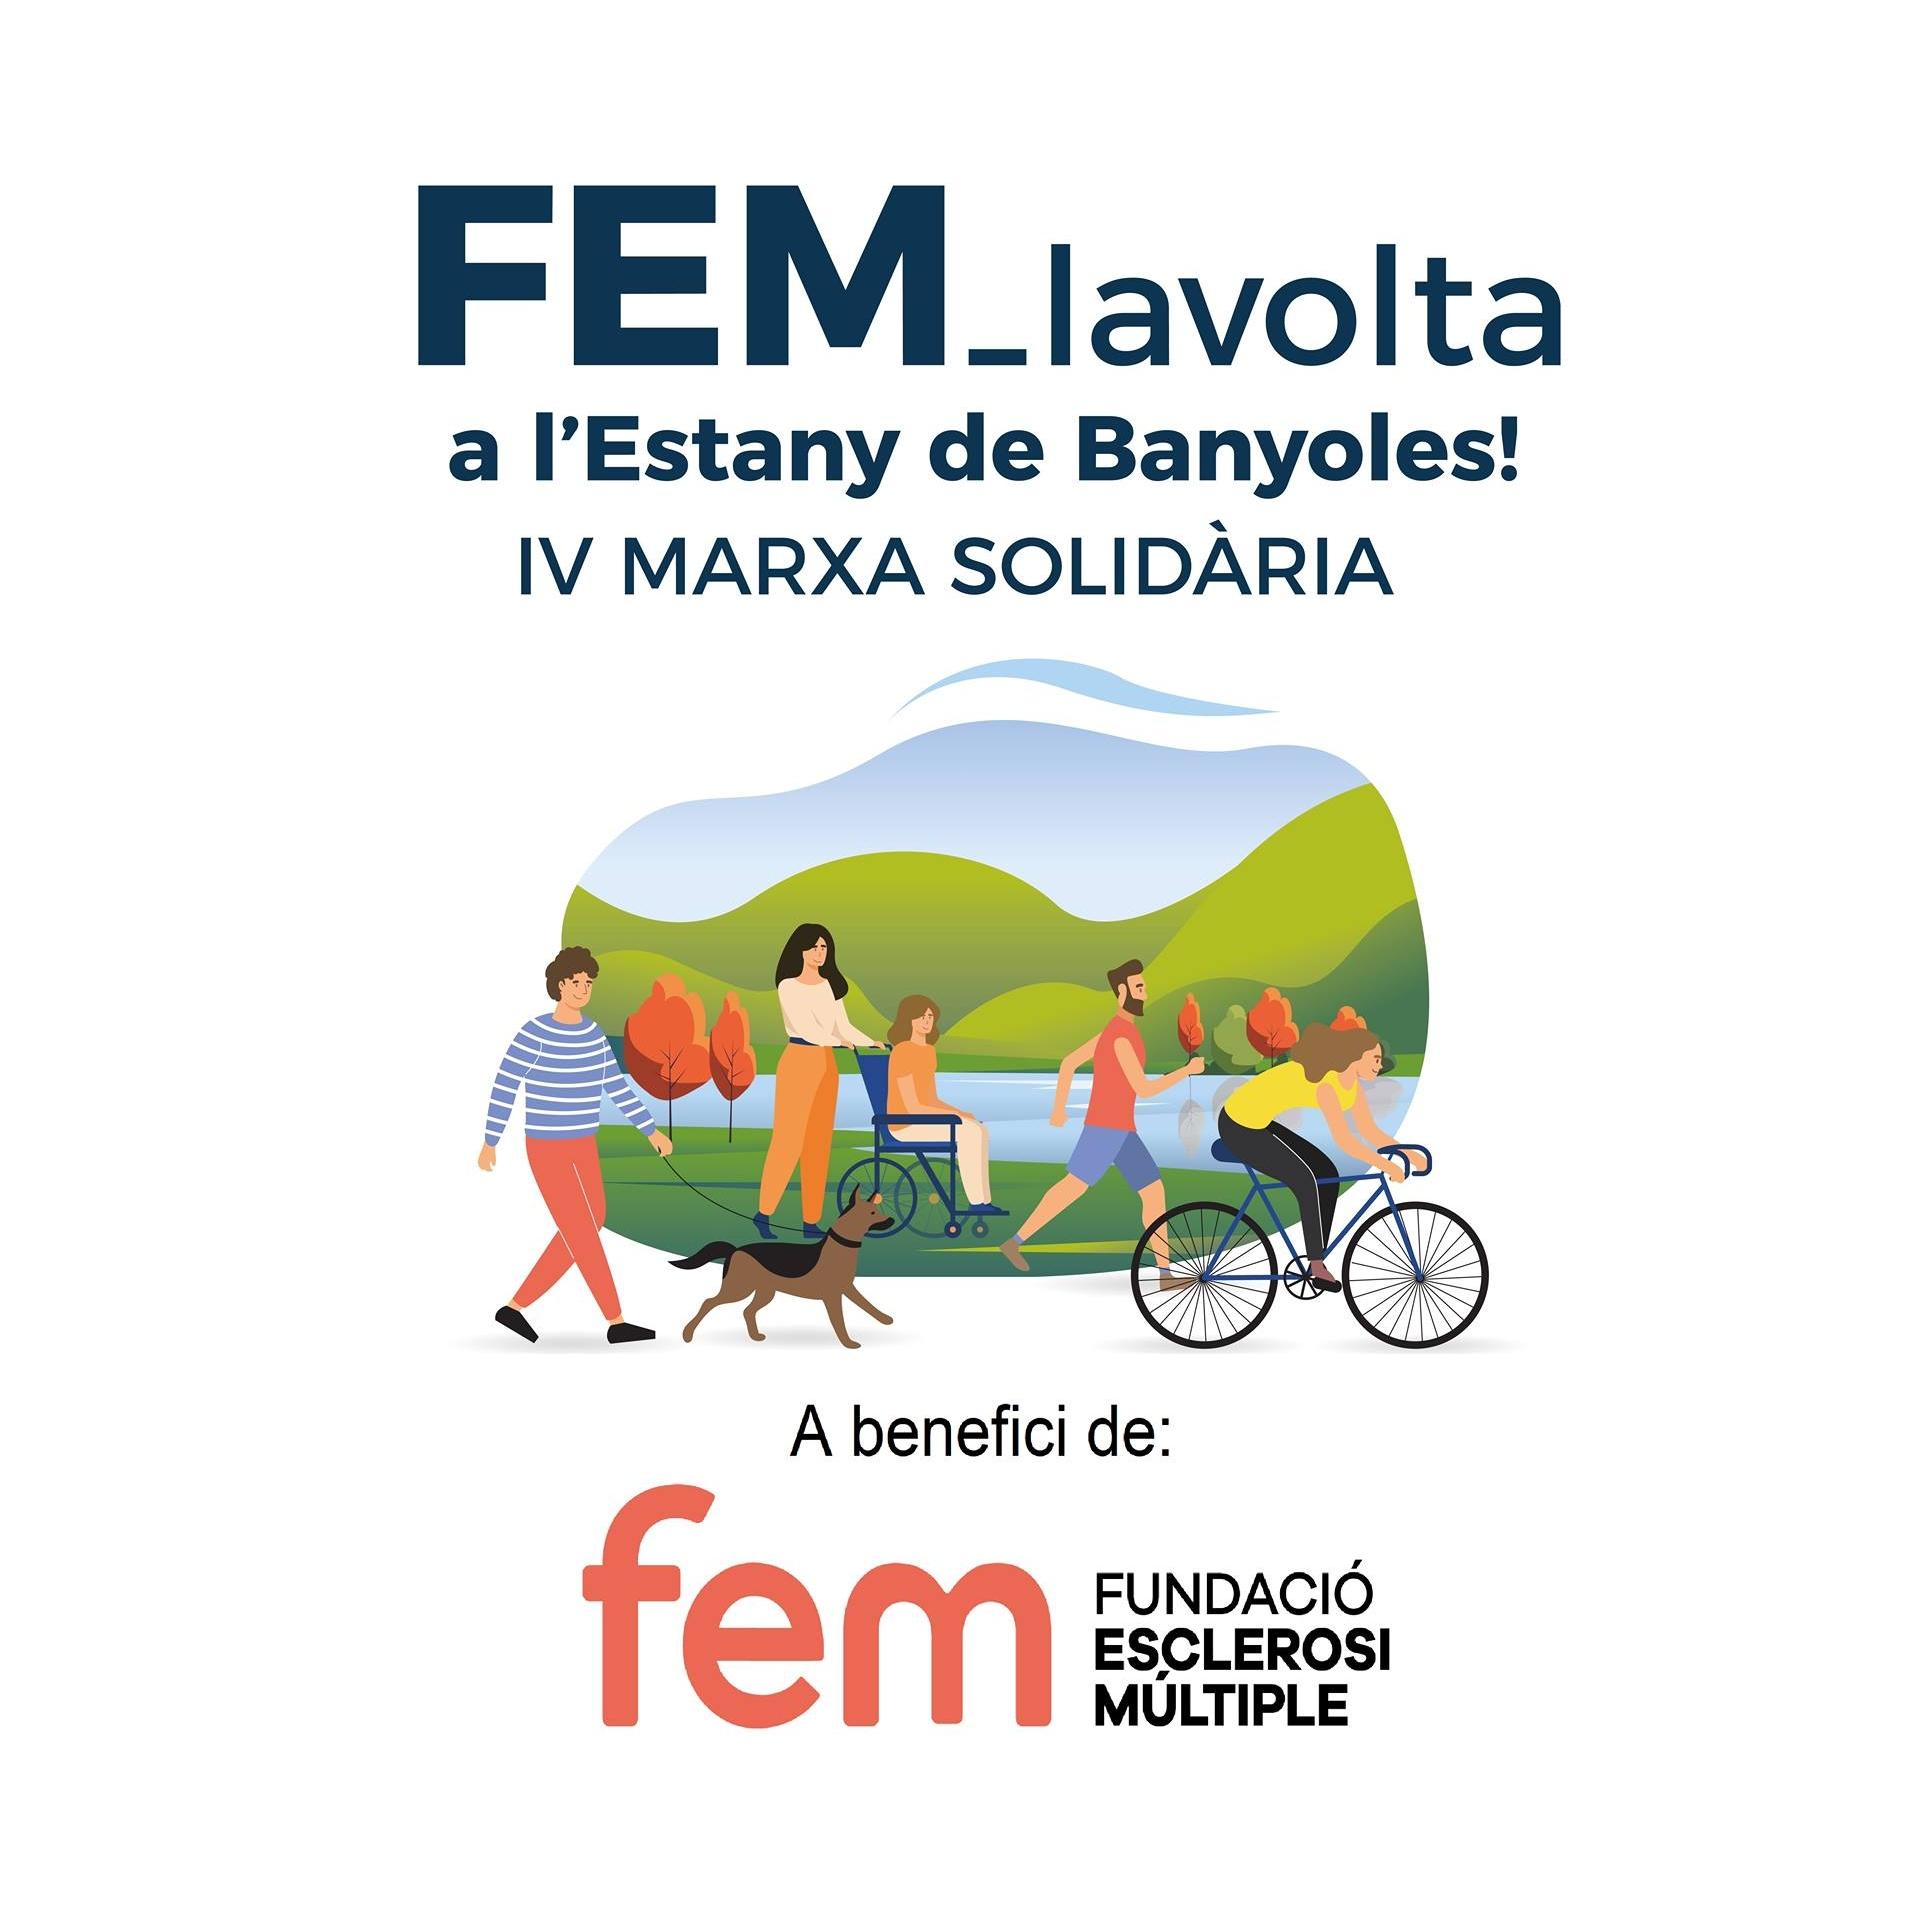 FEM La Volta